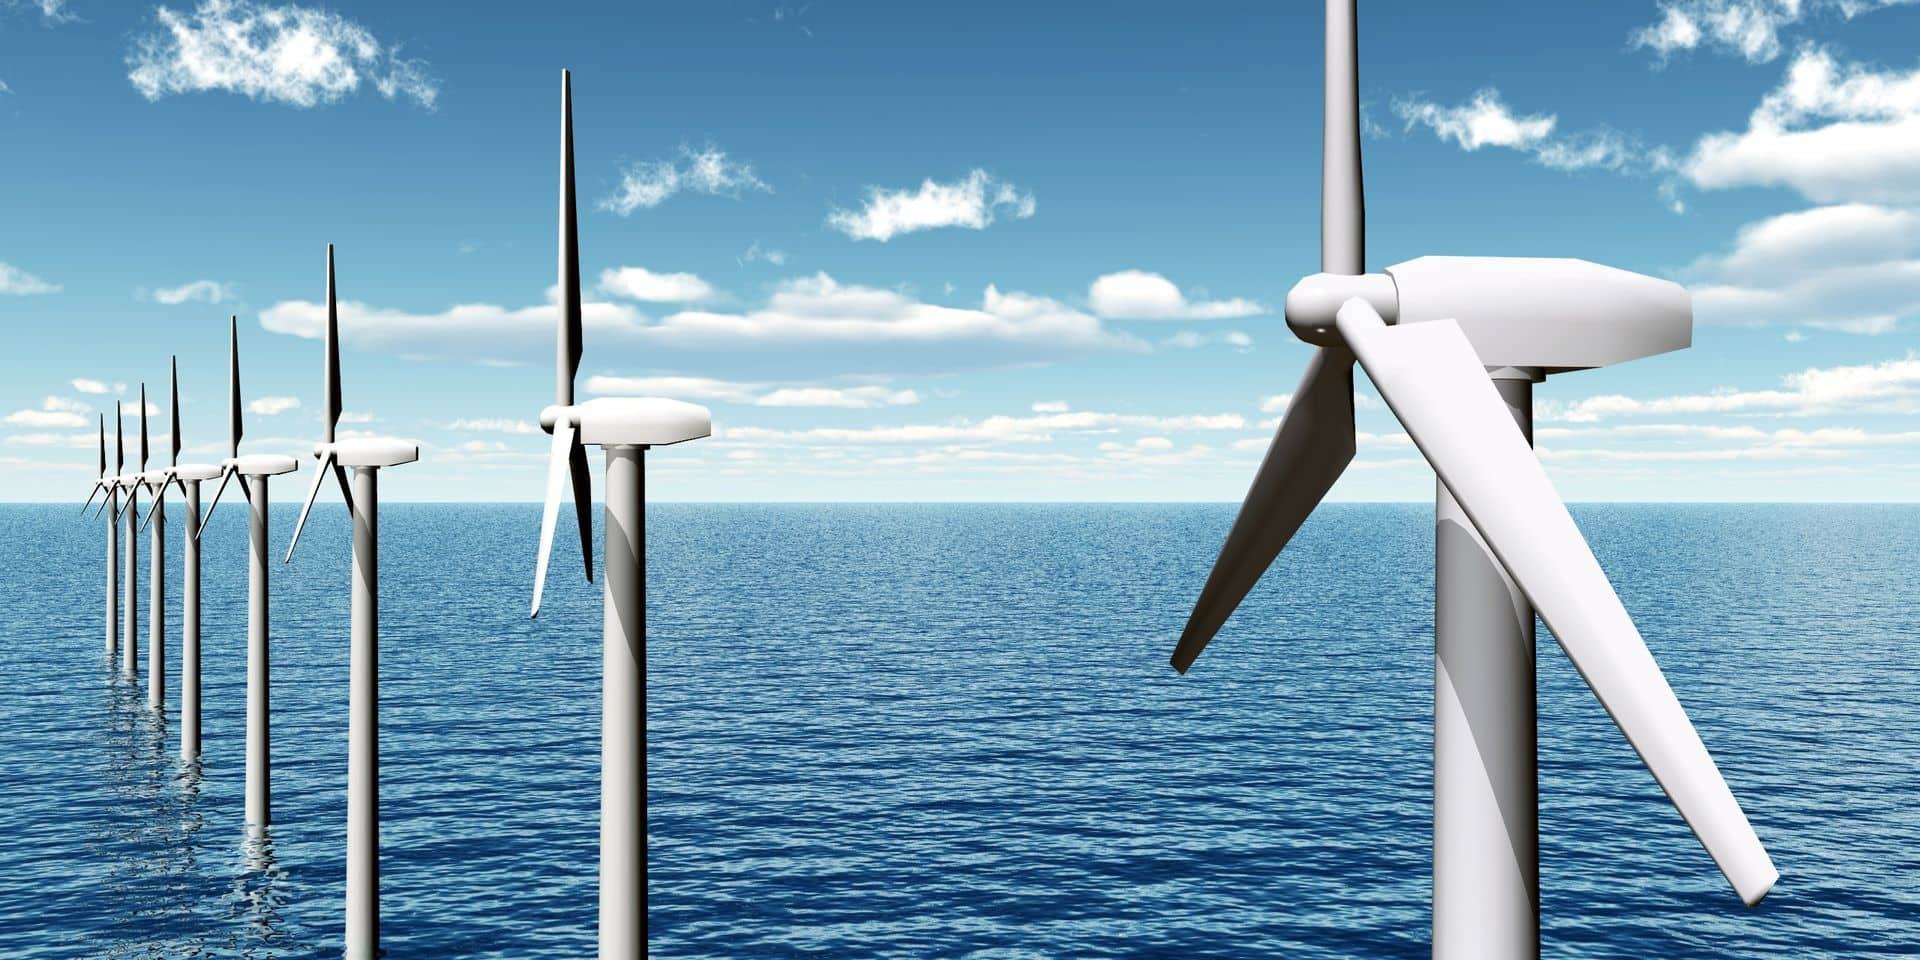 Éolien offshore : le groupe belge DEME s'associe à un japonais pour créer un nouveau parc